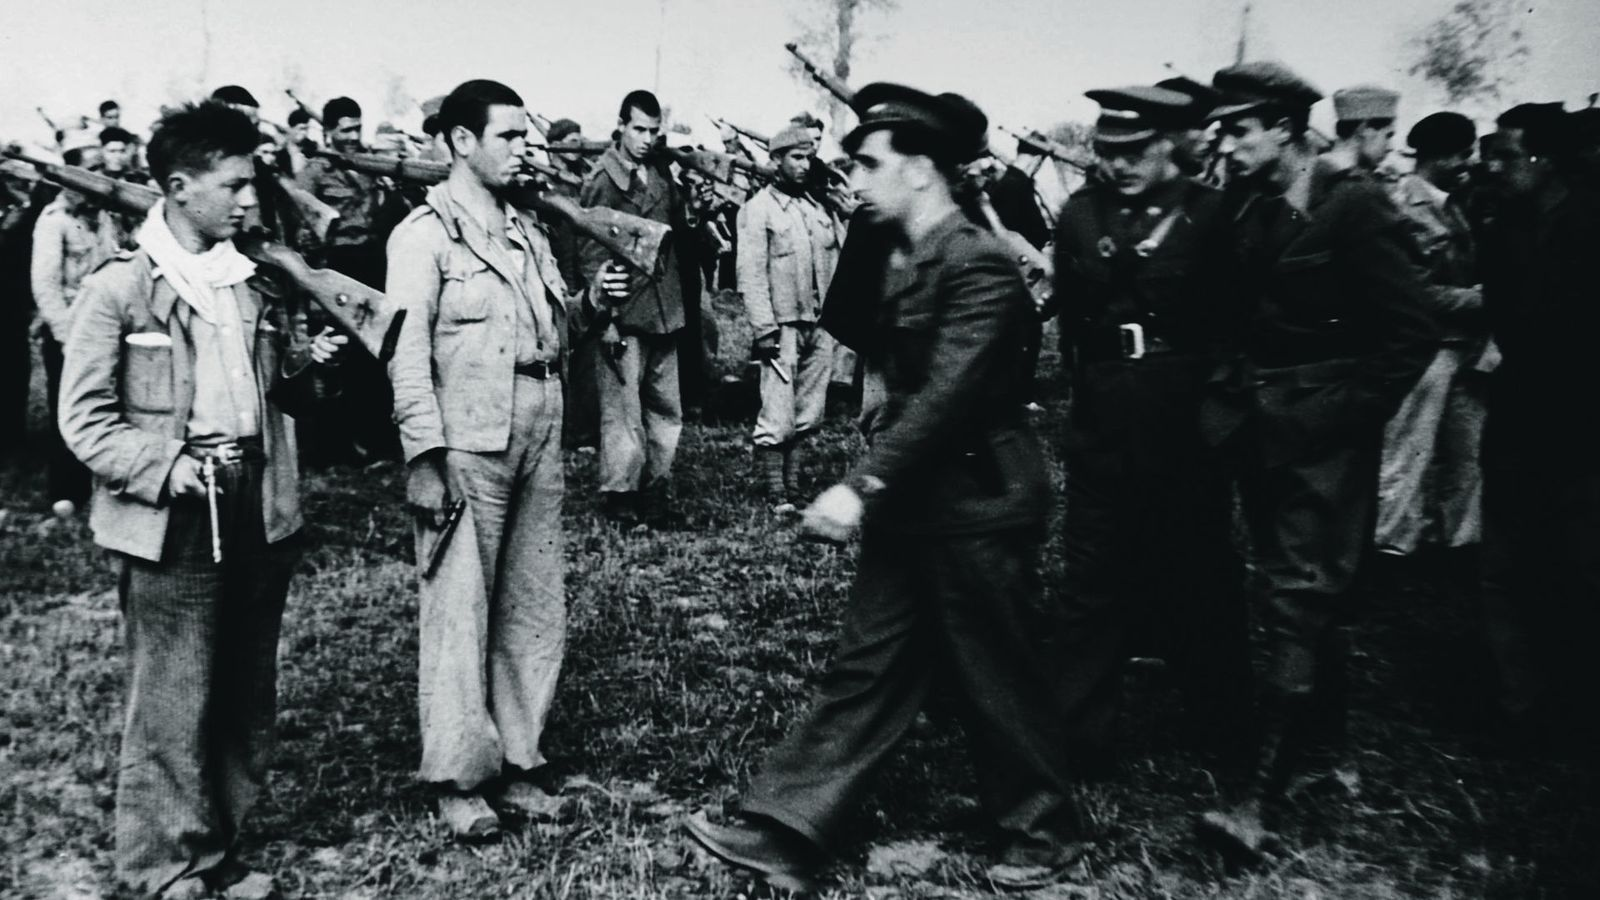 Joves soldats del bàndol republicà